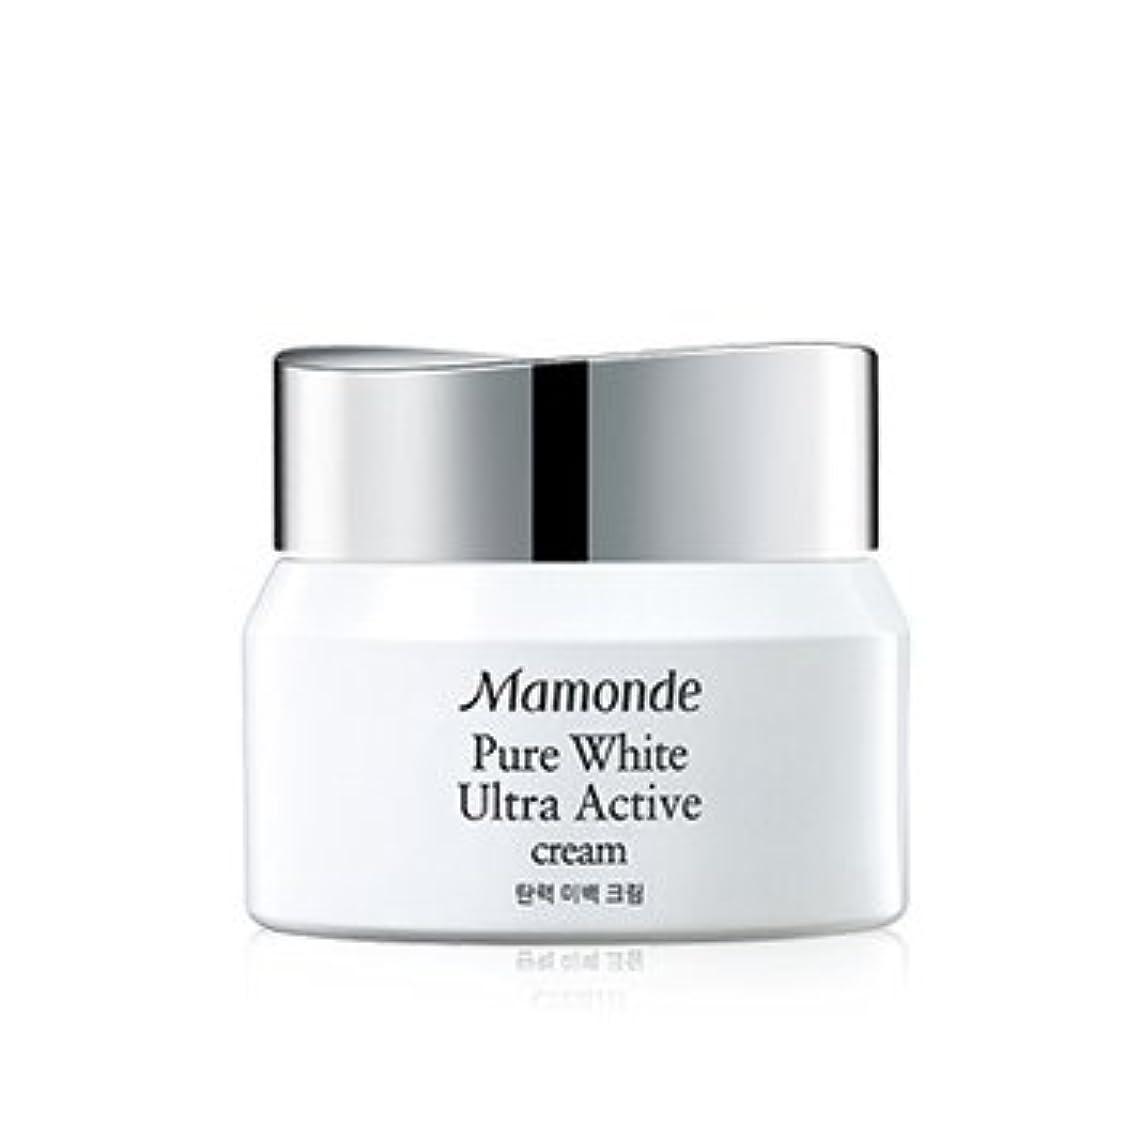 駐地未知の家畜Mamonde Pure White Ultra Active Cream 50ml/マモンド ピュア ホワイト ウルトラ アクティブ クリーム 50ml [並行輸入品]